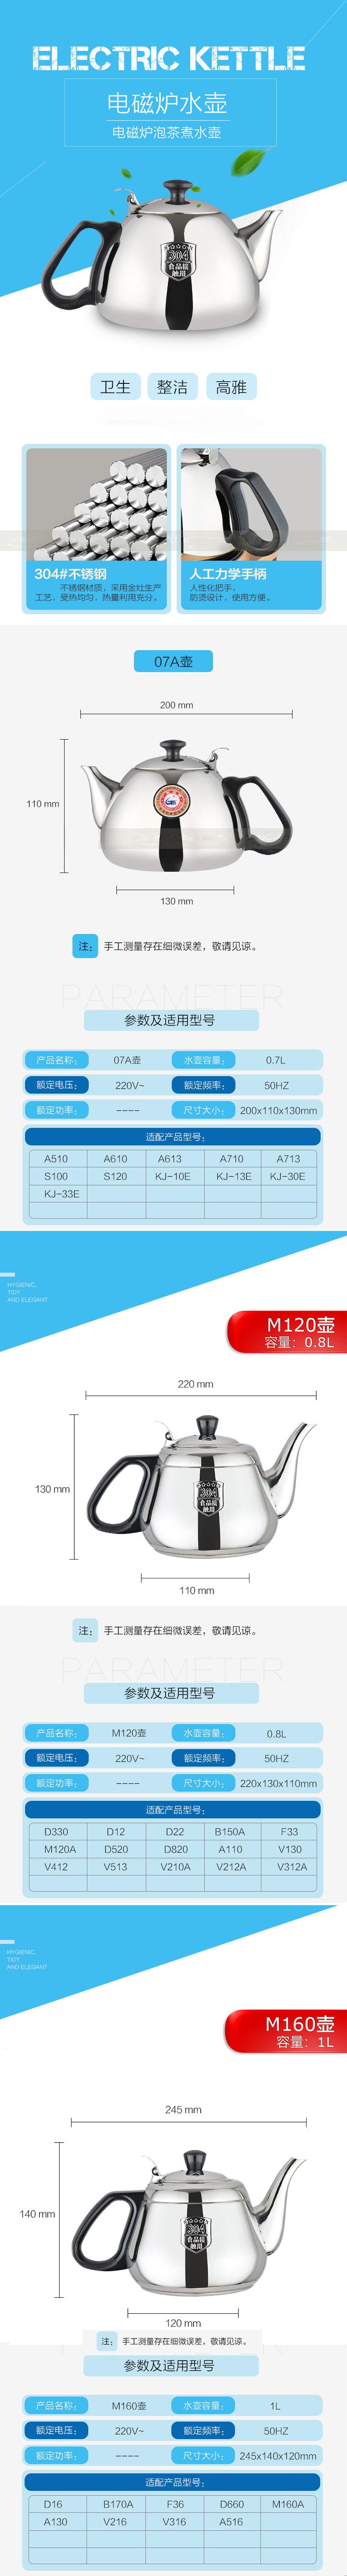 金竈原厂单壶配件食品级不锈钢电磁炉专用烧水壶平底煮水壶详细照片